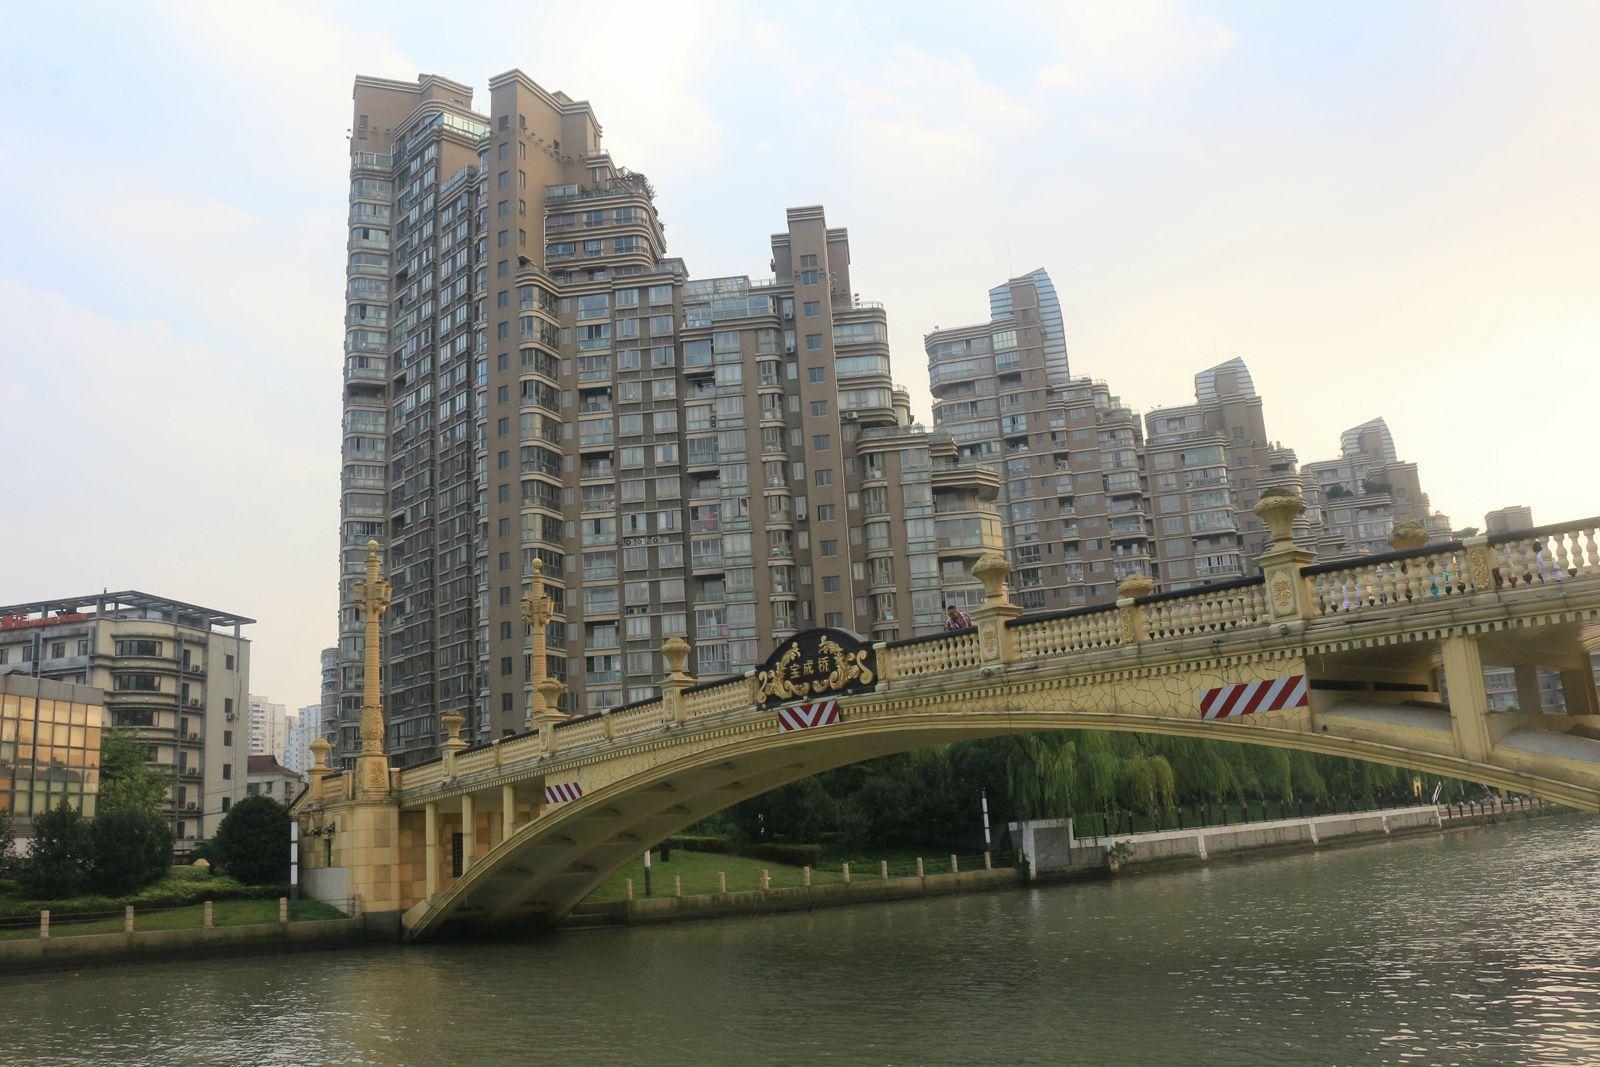 金碧辉煌的欧式桥梁